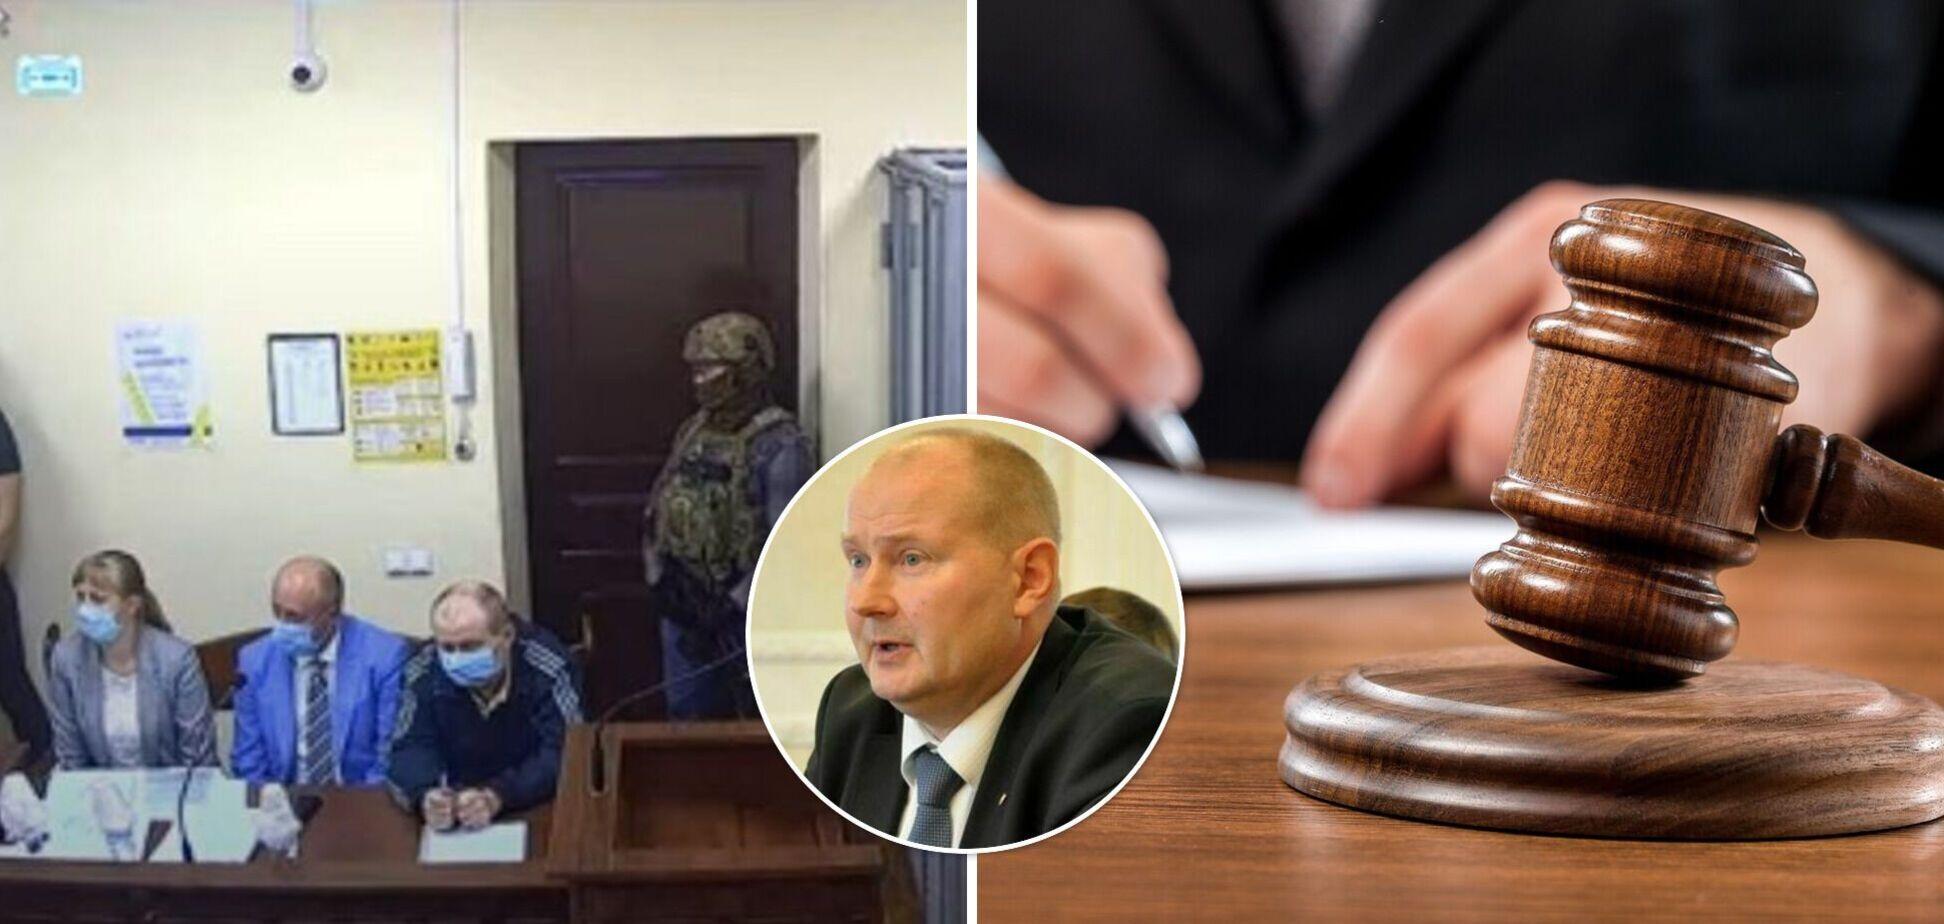 Суд продлил меру пресечения экс-судье Чаусу